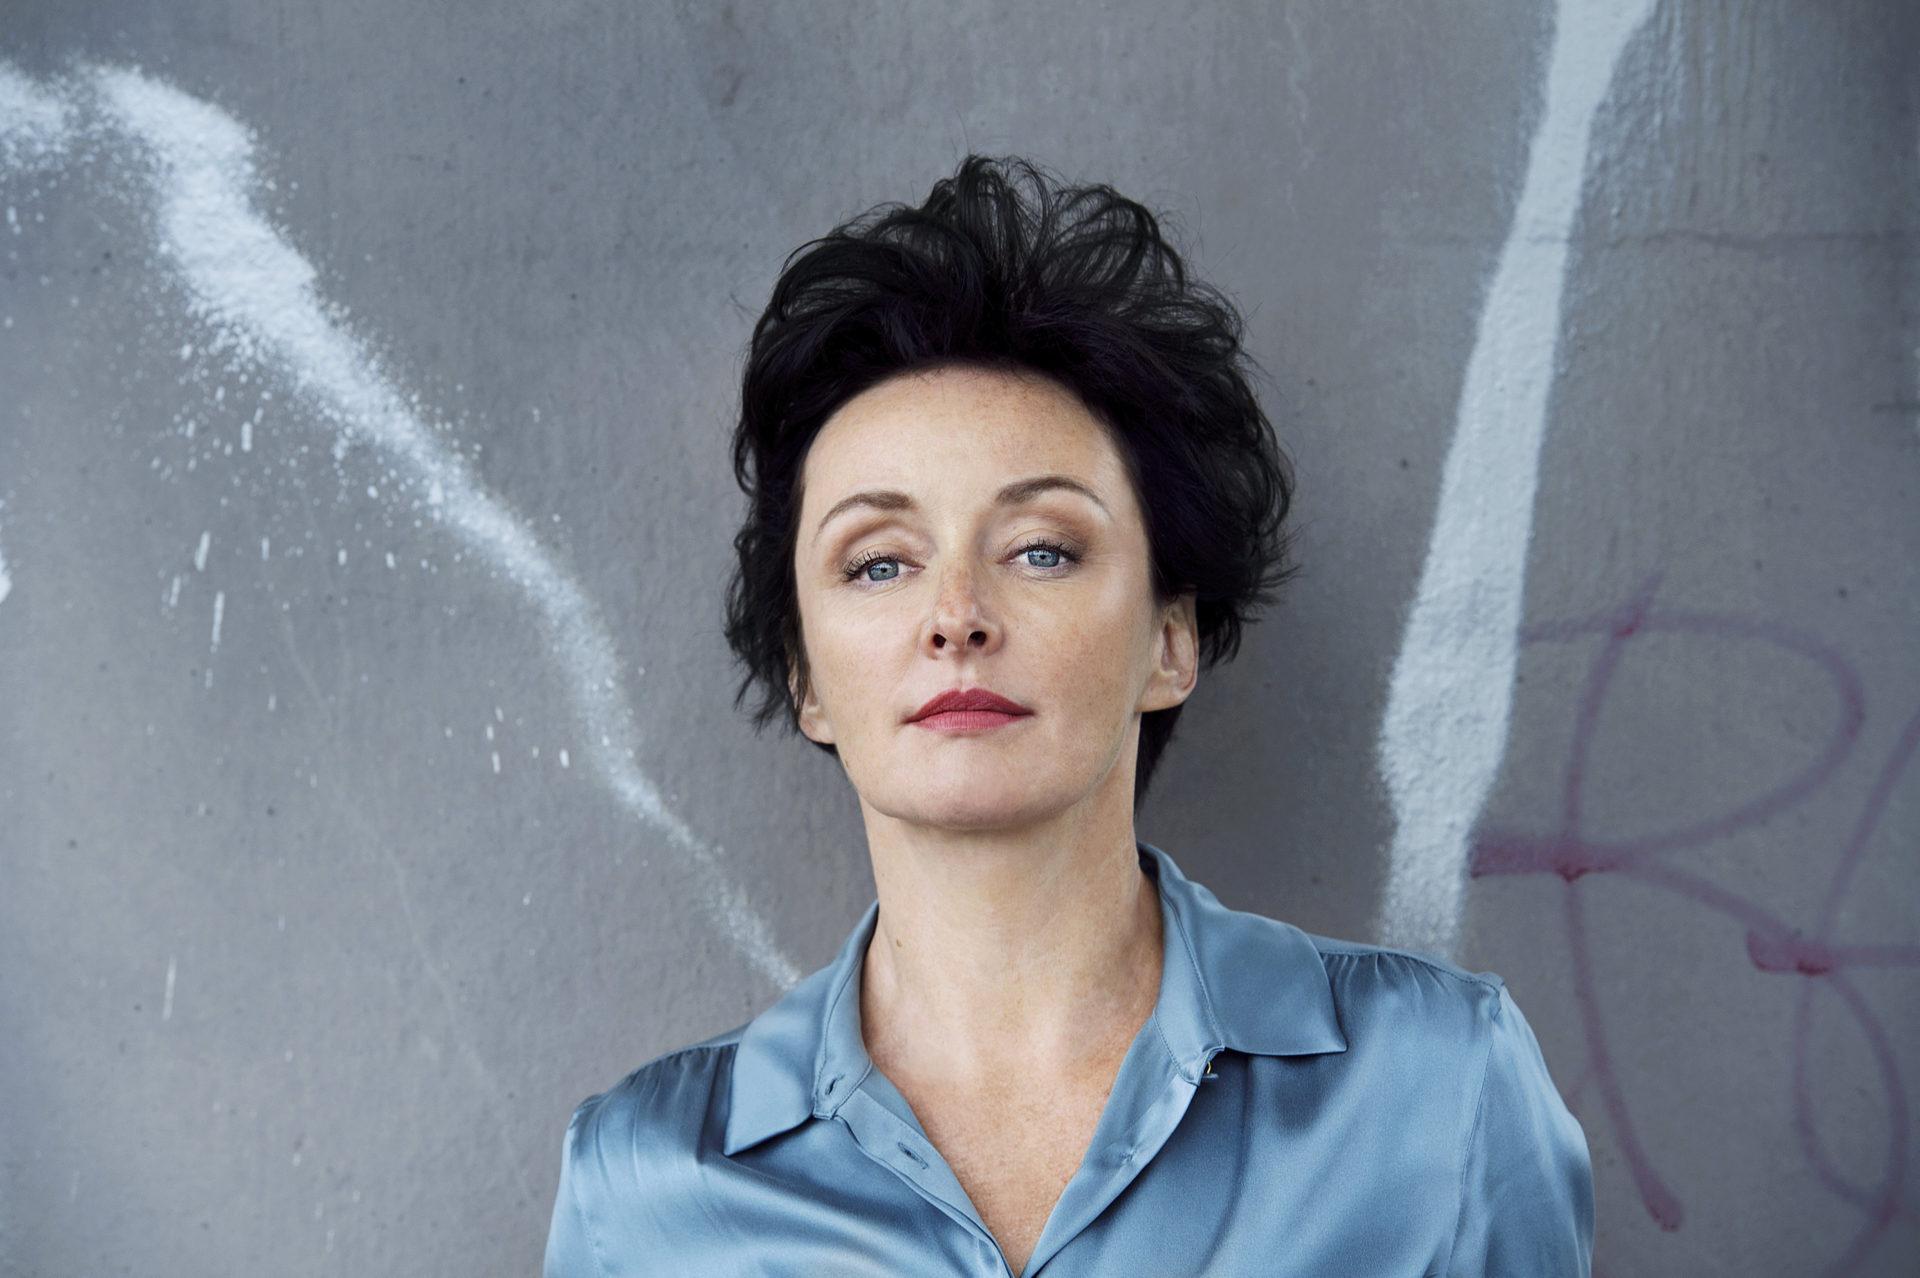 Regina Fritsch im Porträt: Mit dem Kopf in den Wolken